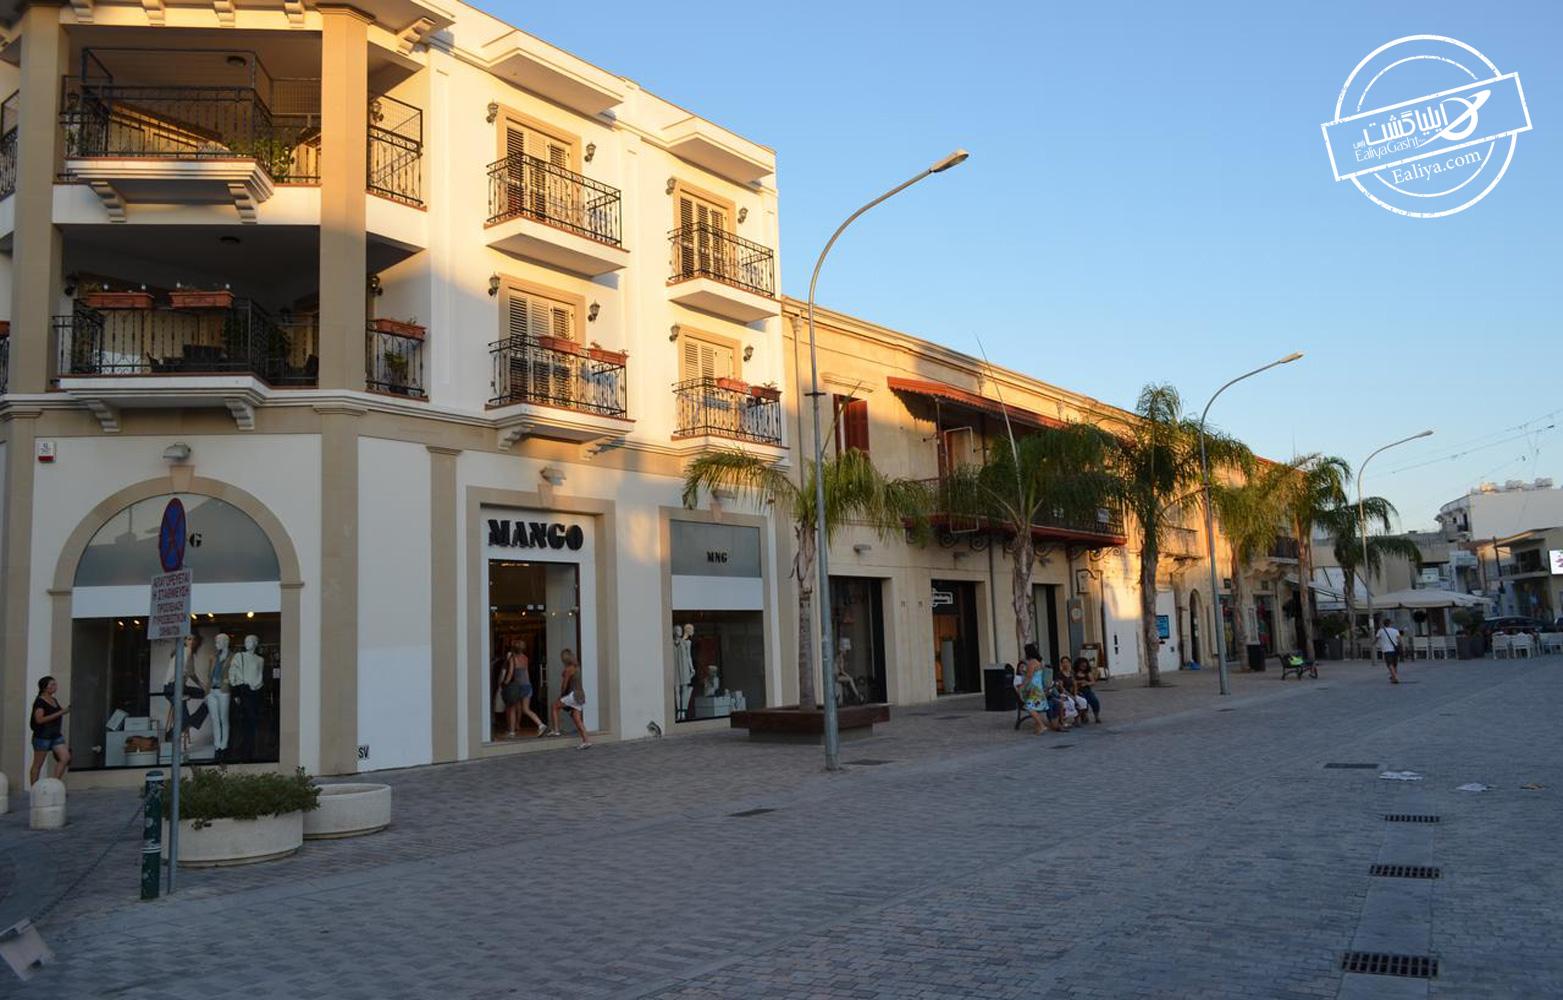 فروشگاه های لاکچری و لوکس لارناکا